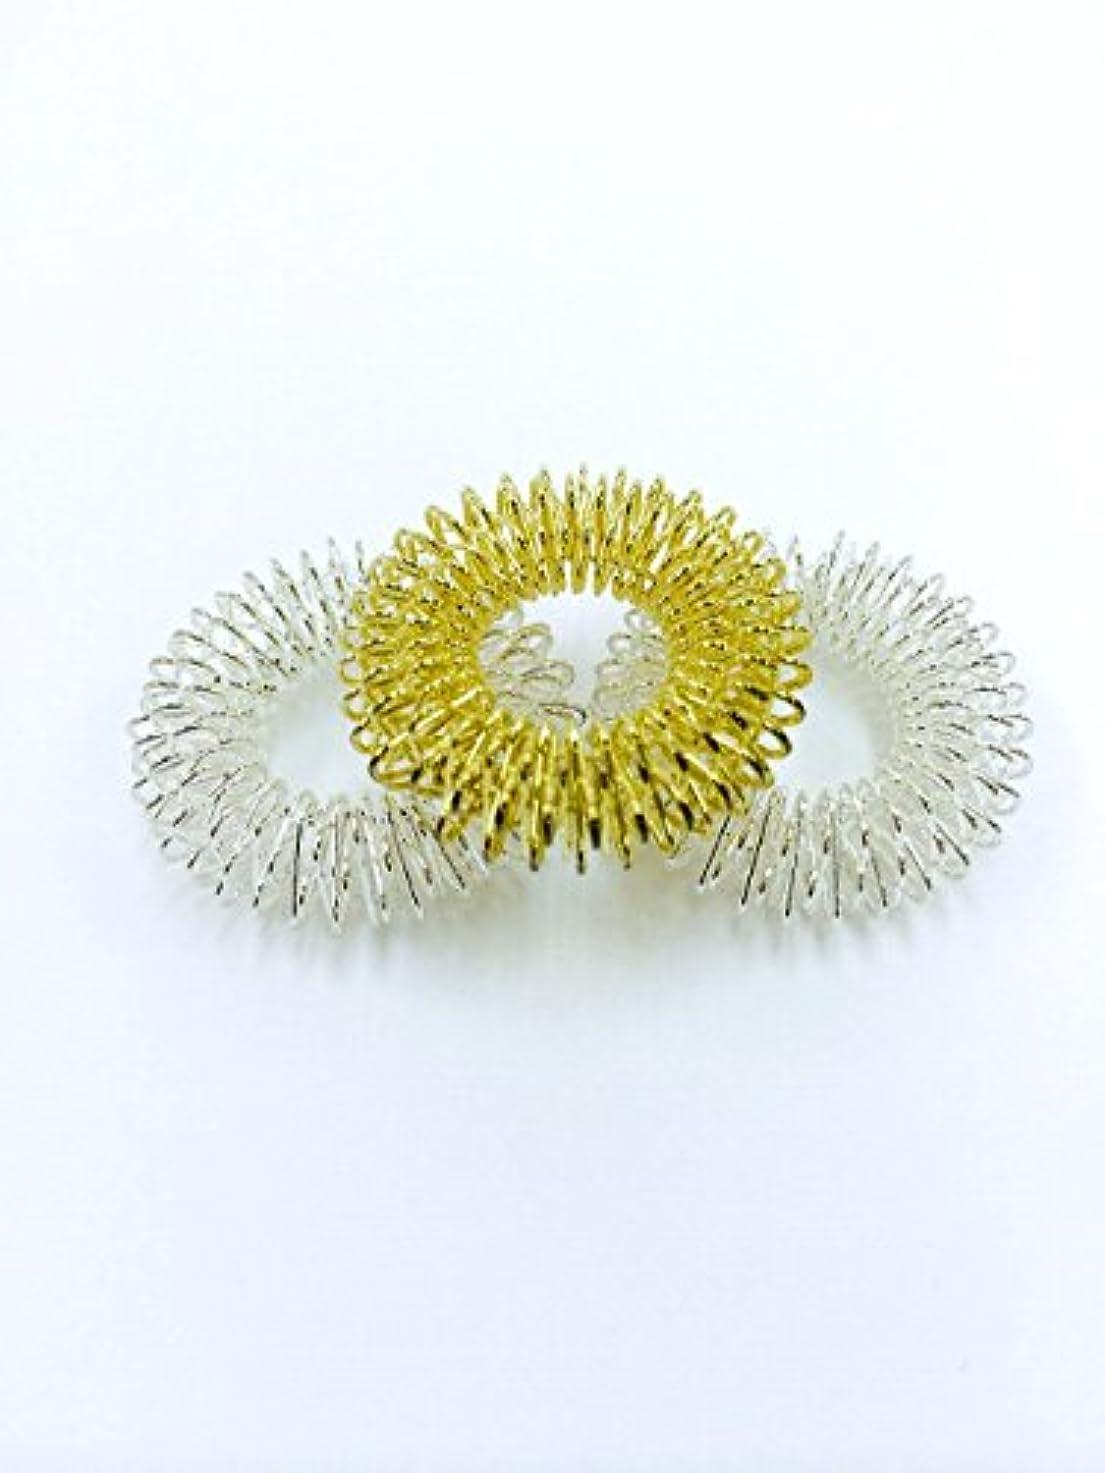 粘土再開一致する指モミリング 3個セット (ゴールド×1、シルバー×2) ゆびだって揉んでほしい!